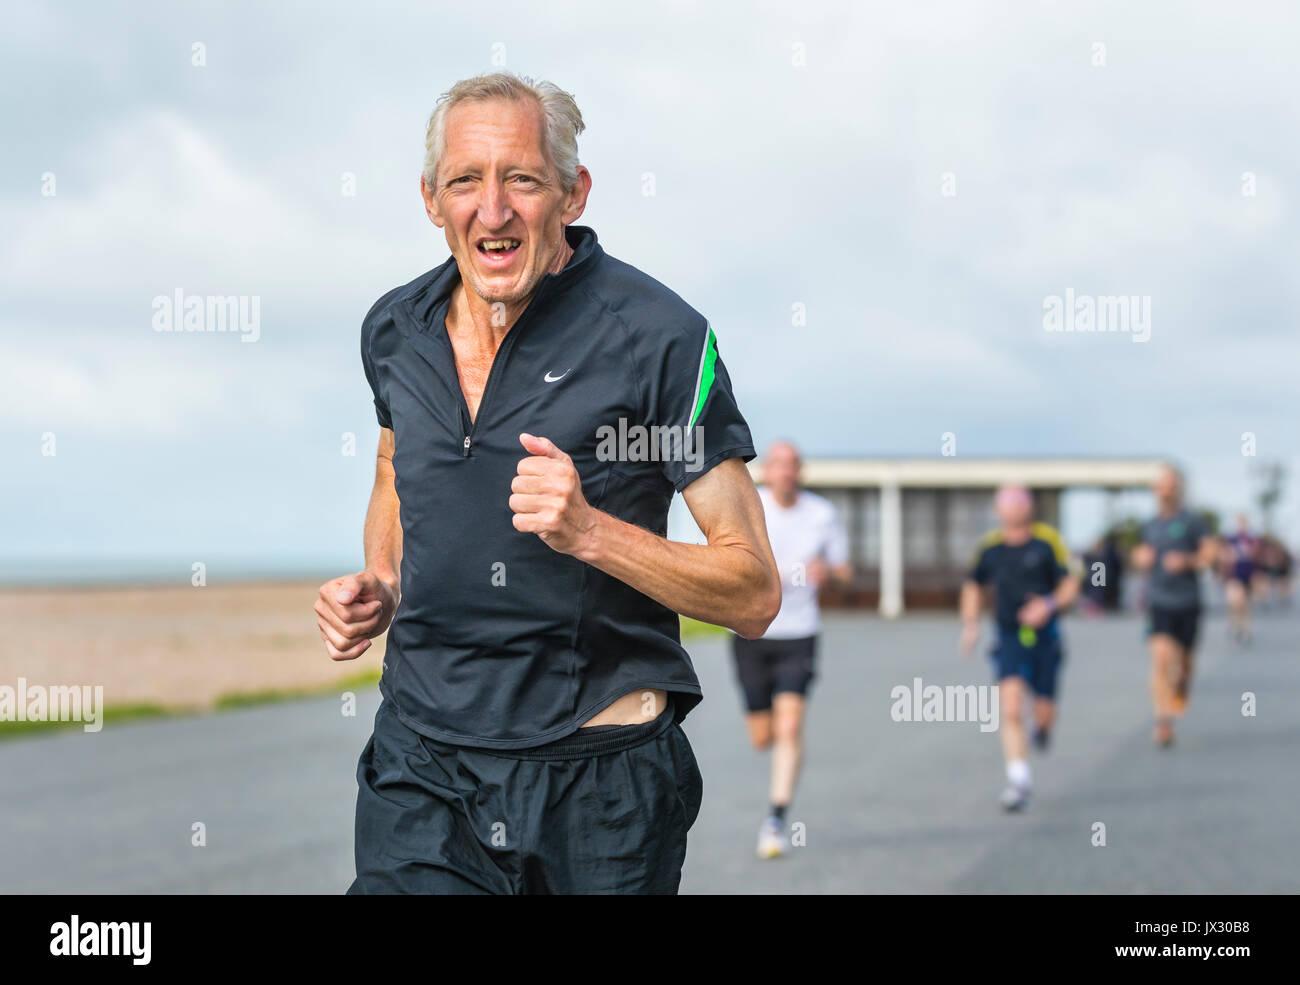 Uomo anziano in esecuzione sul settimanale vitalità Parkrun evento in Worthing West Sussex, in Inghilterra, Regno Unito. Immagini Stock